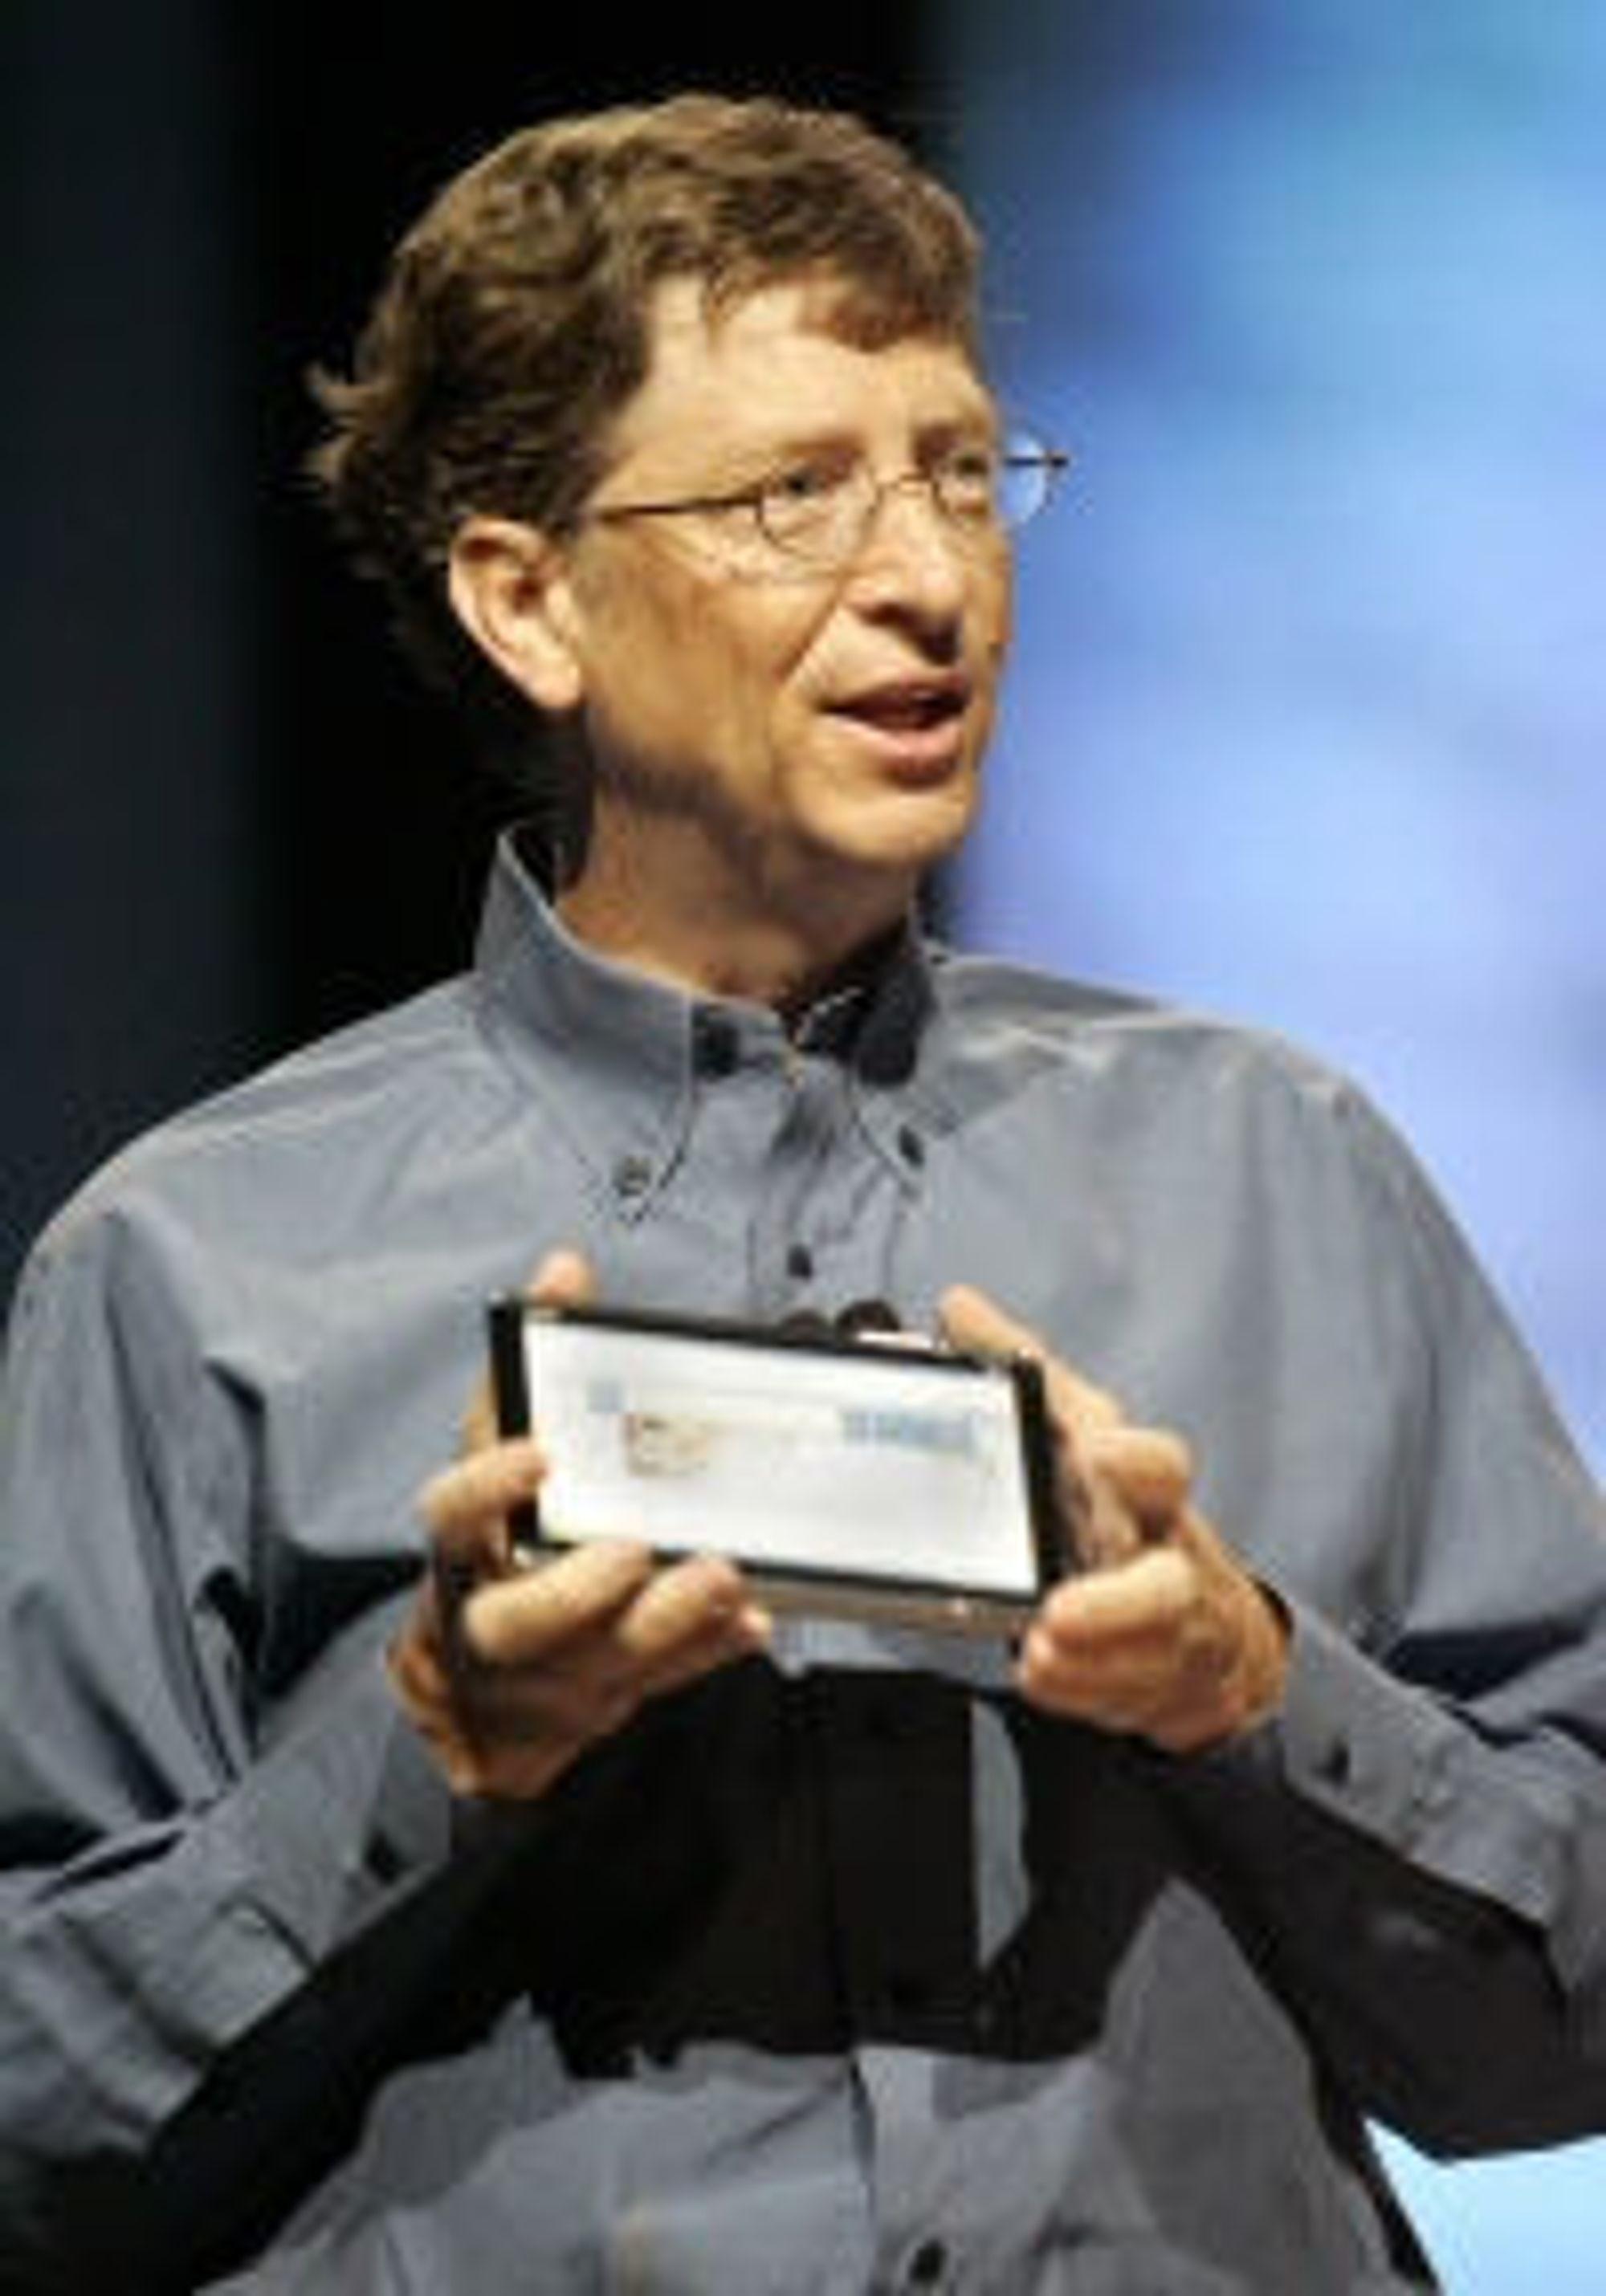 Bill Gates ned prototyp av Acer-tablet anno 2006.